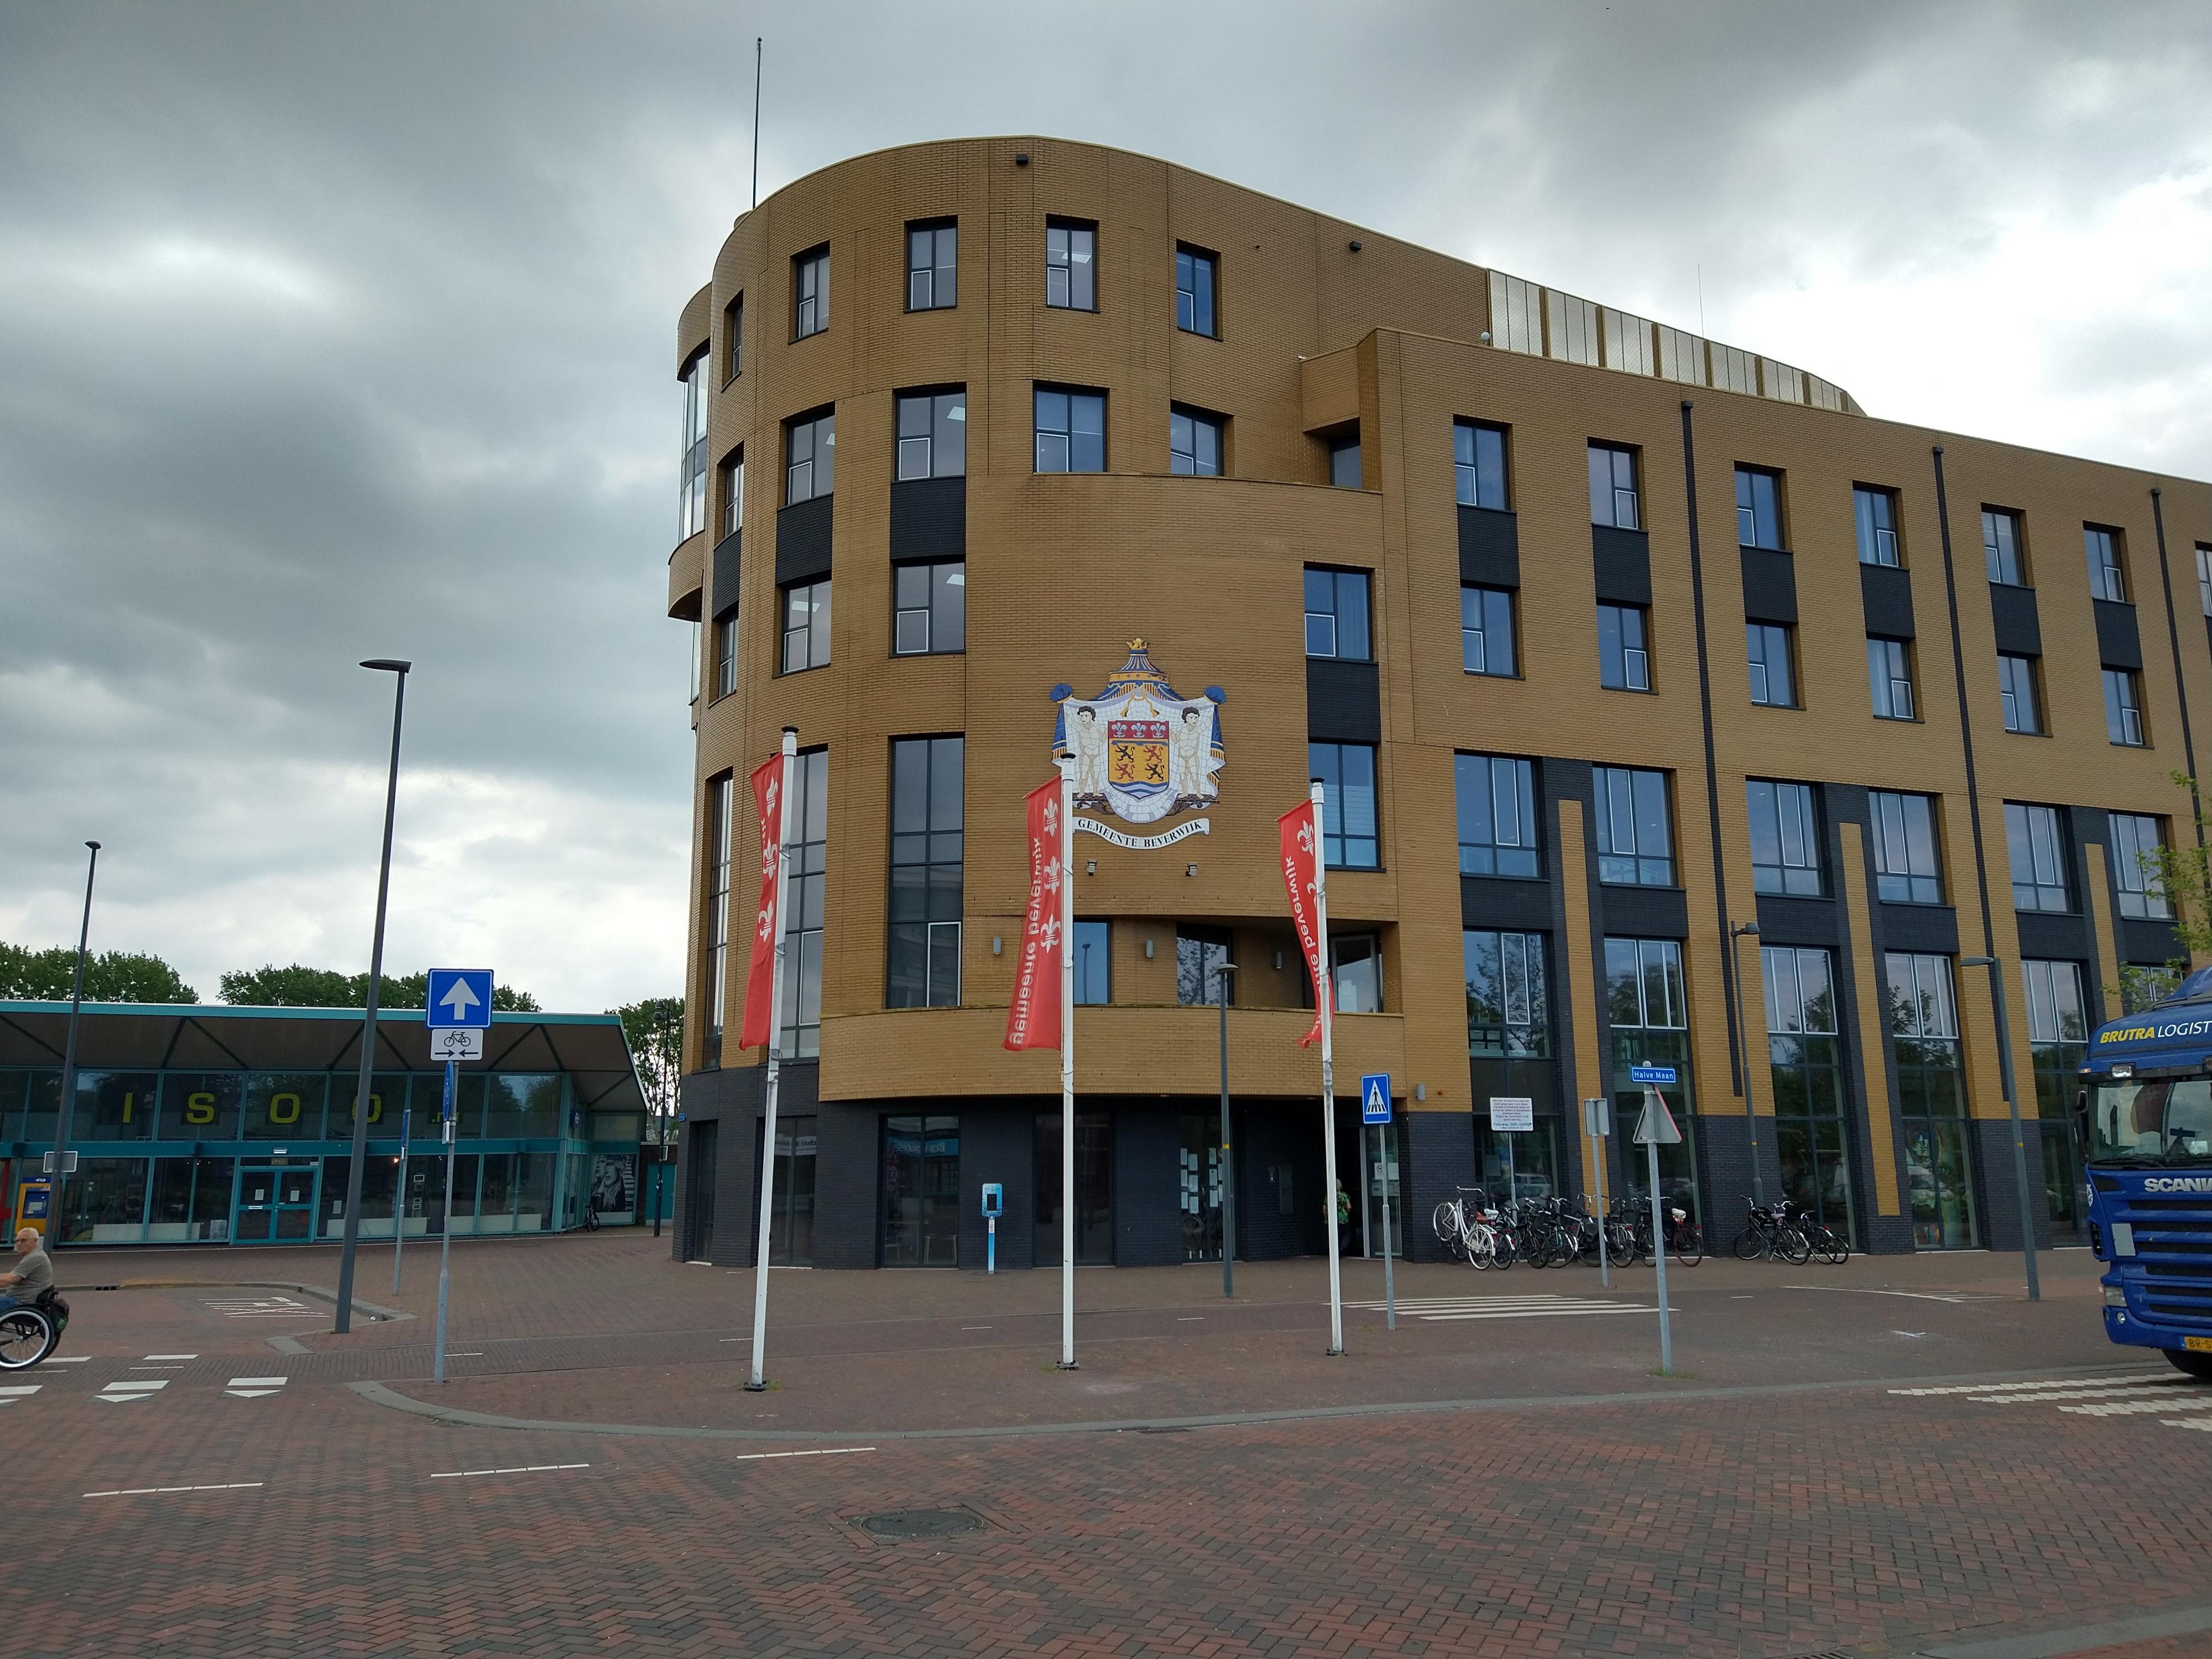 Schimmelproblematiek in Beverwijkse huurhuizen zo snel mogelijk aanpakken. 'Nog dit jaar meenemen in afspraken met corporaties'